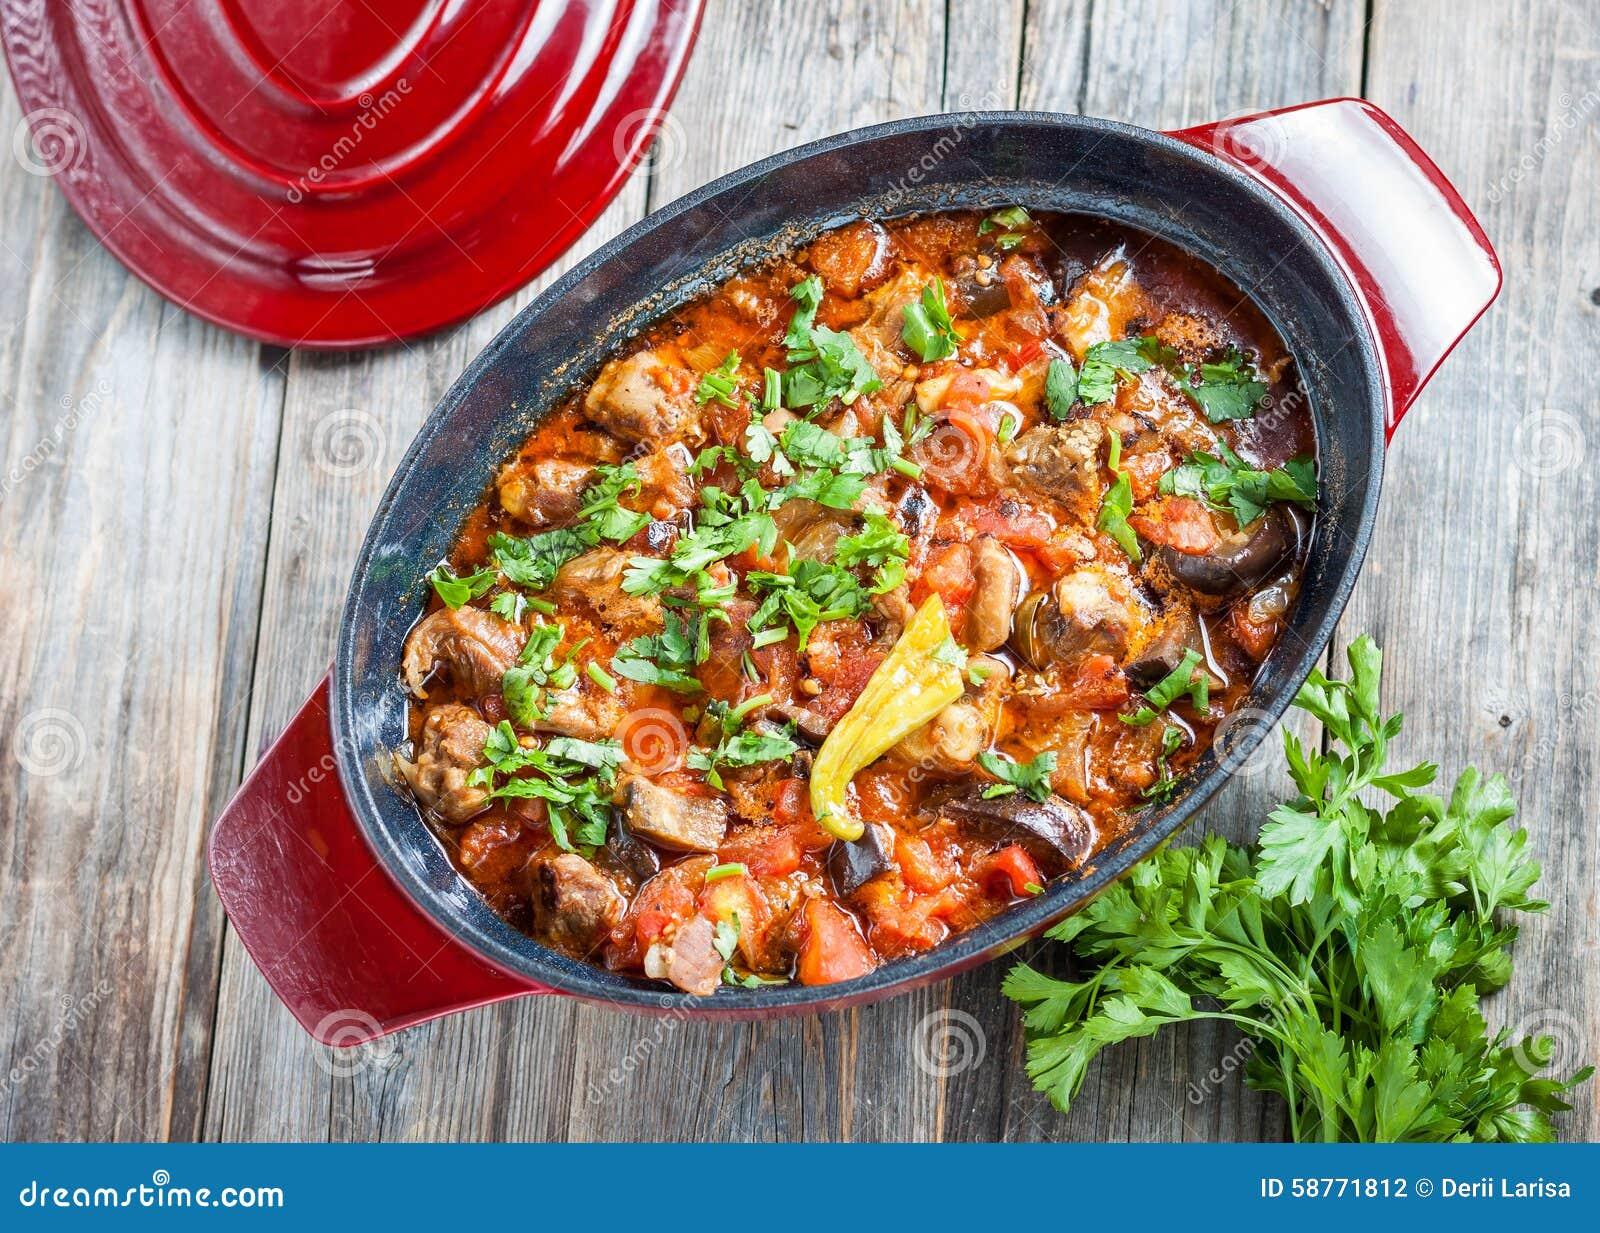 Αργό αρνί με τη μελιτζάνα και λαχανικά στο κόκκινο δοχείο